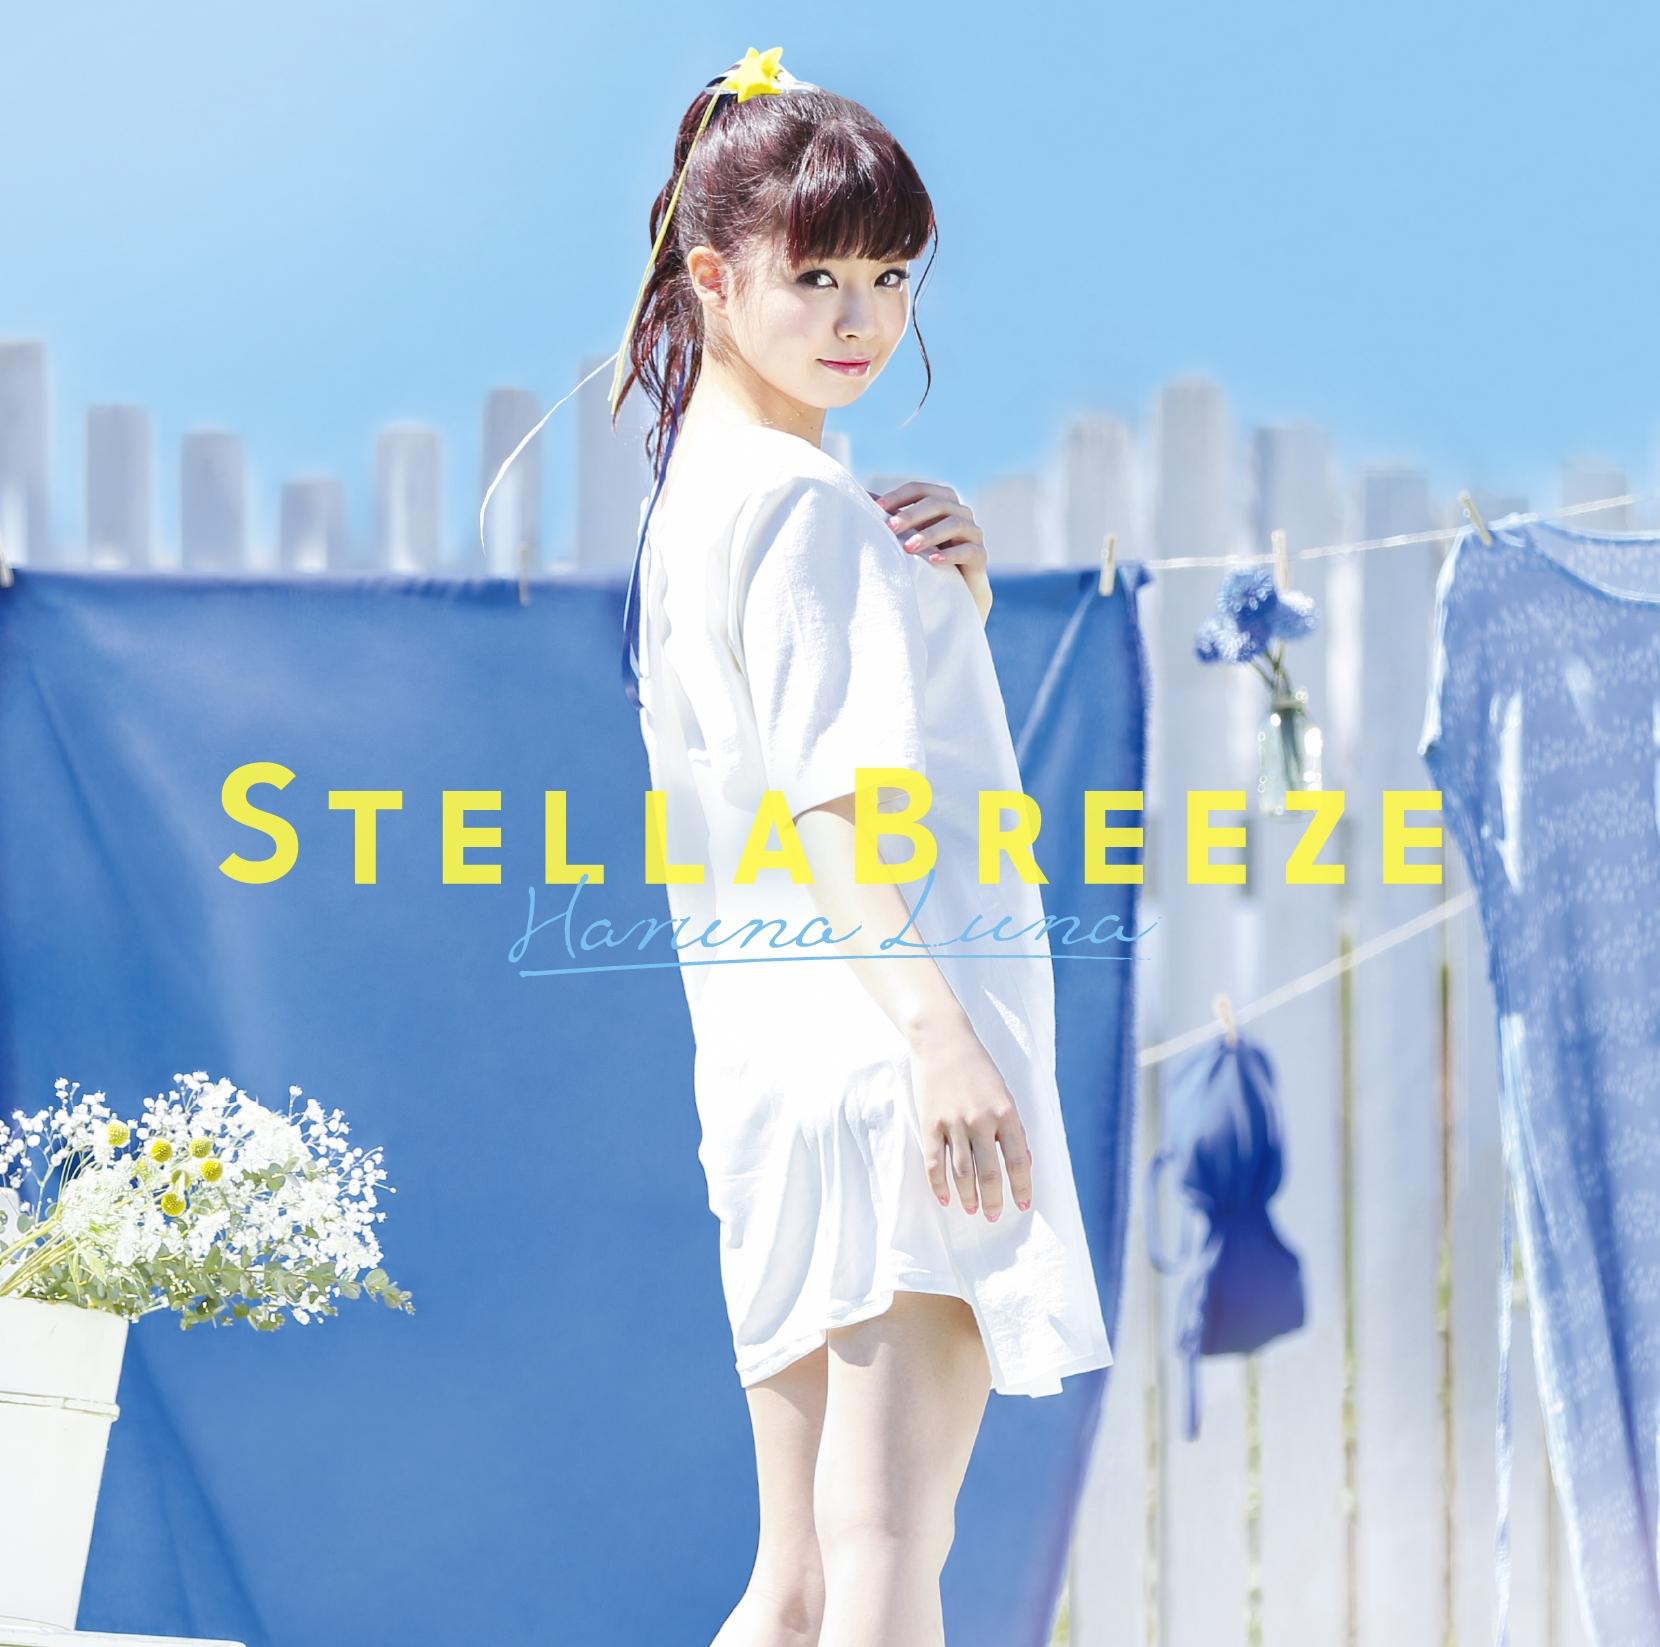 20170504.1638.2 Luna Haruna - Stella Breeze cover 2.jpg